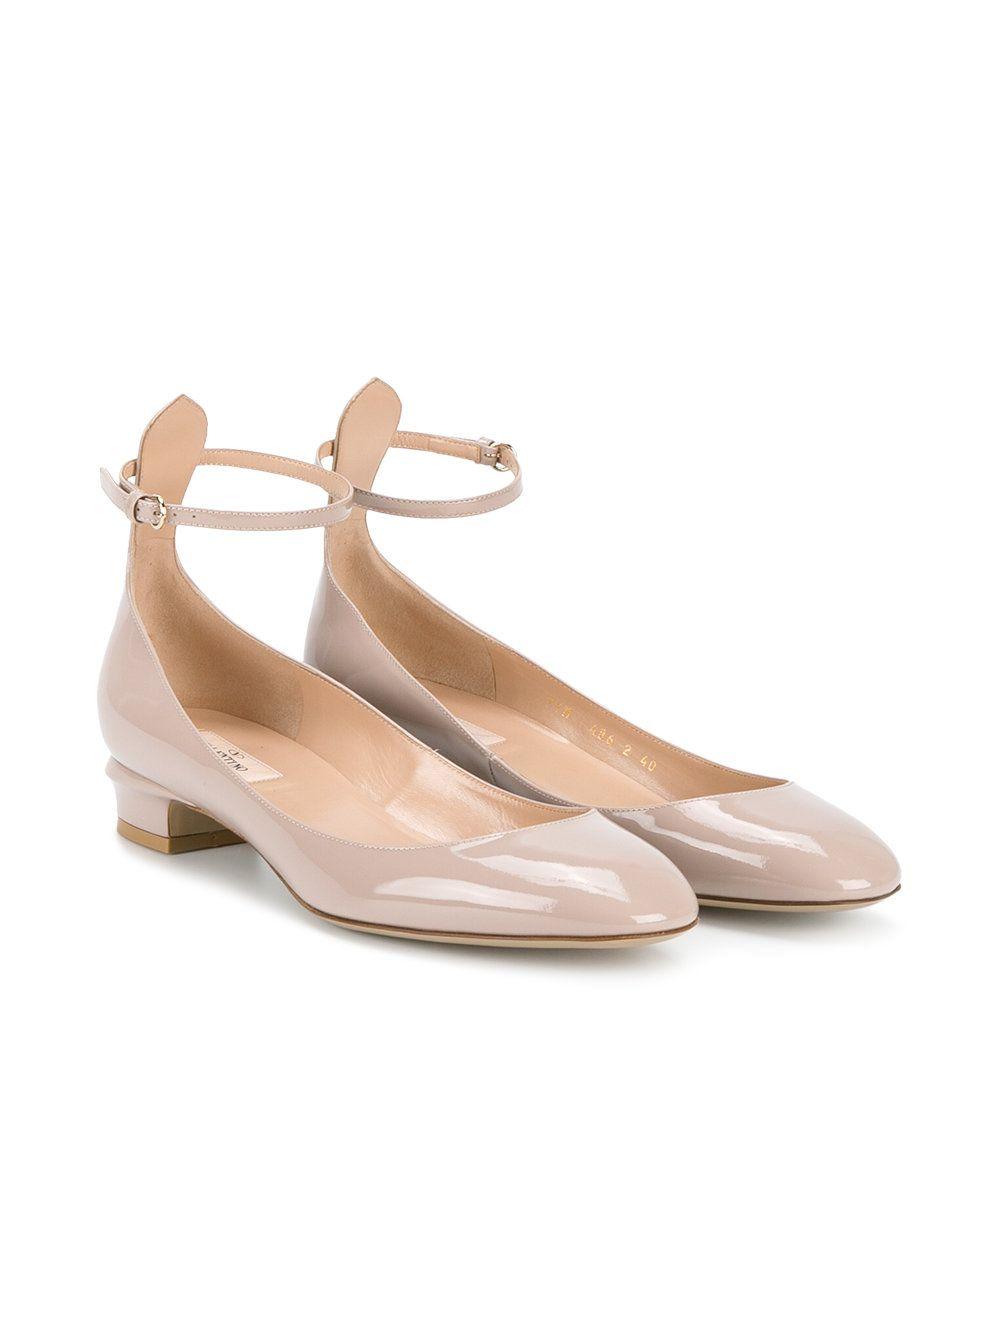 Valentino Chaussures Beige Avec Boucle Pour Femmes aW6sUrrbI